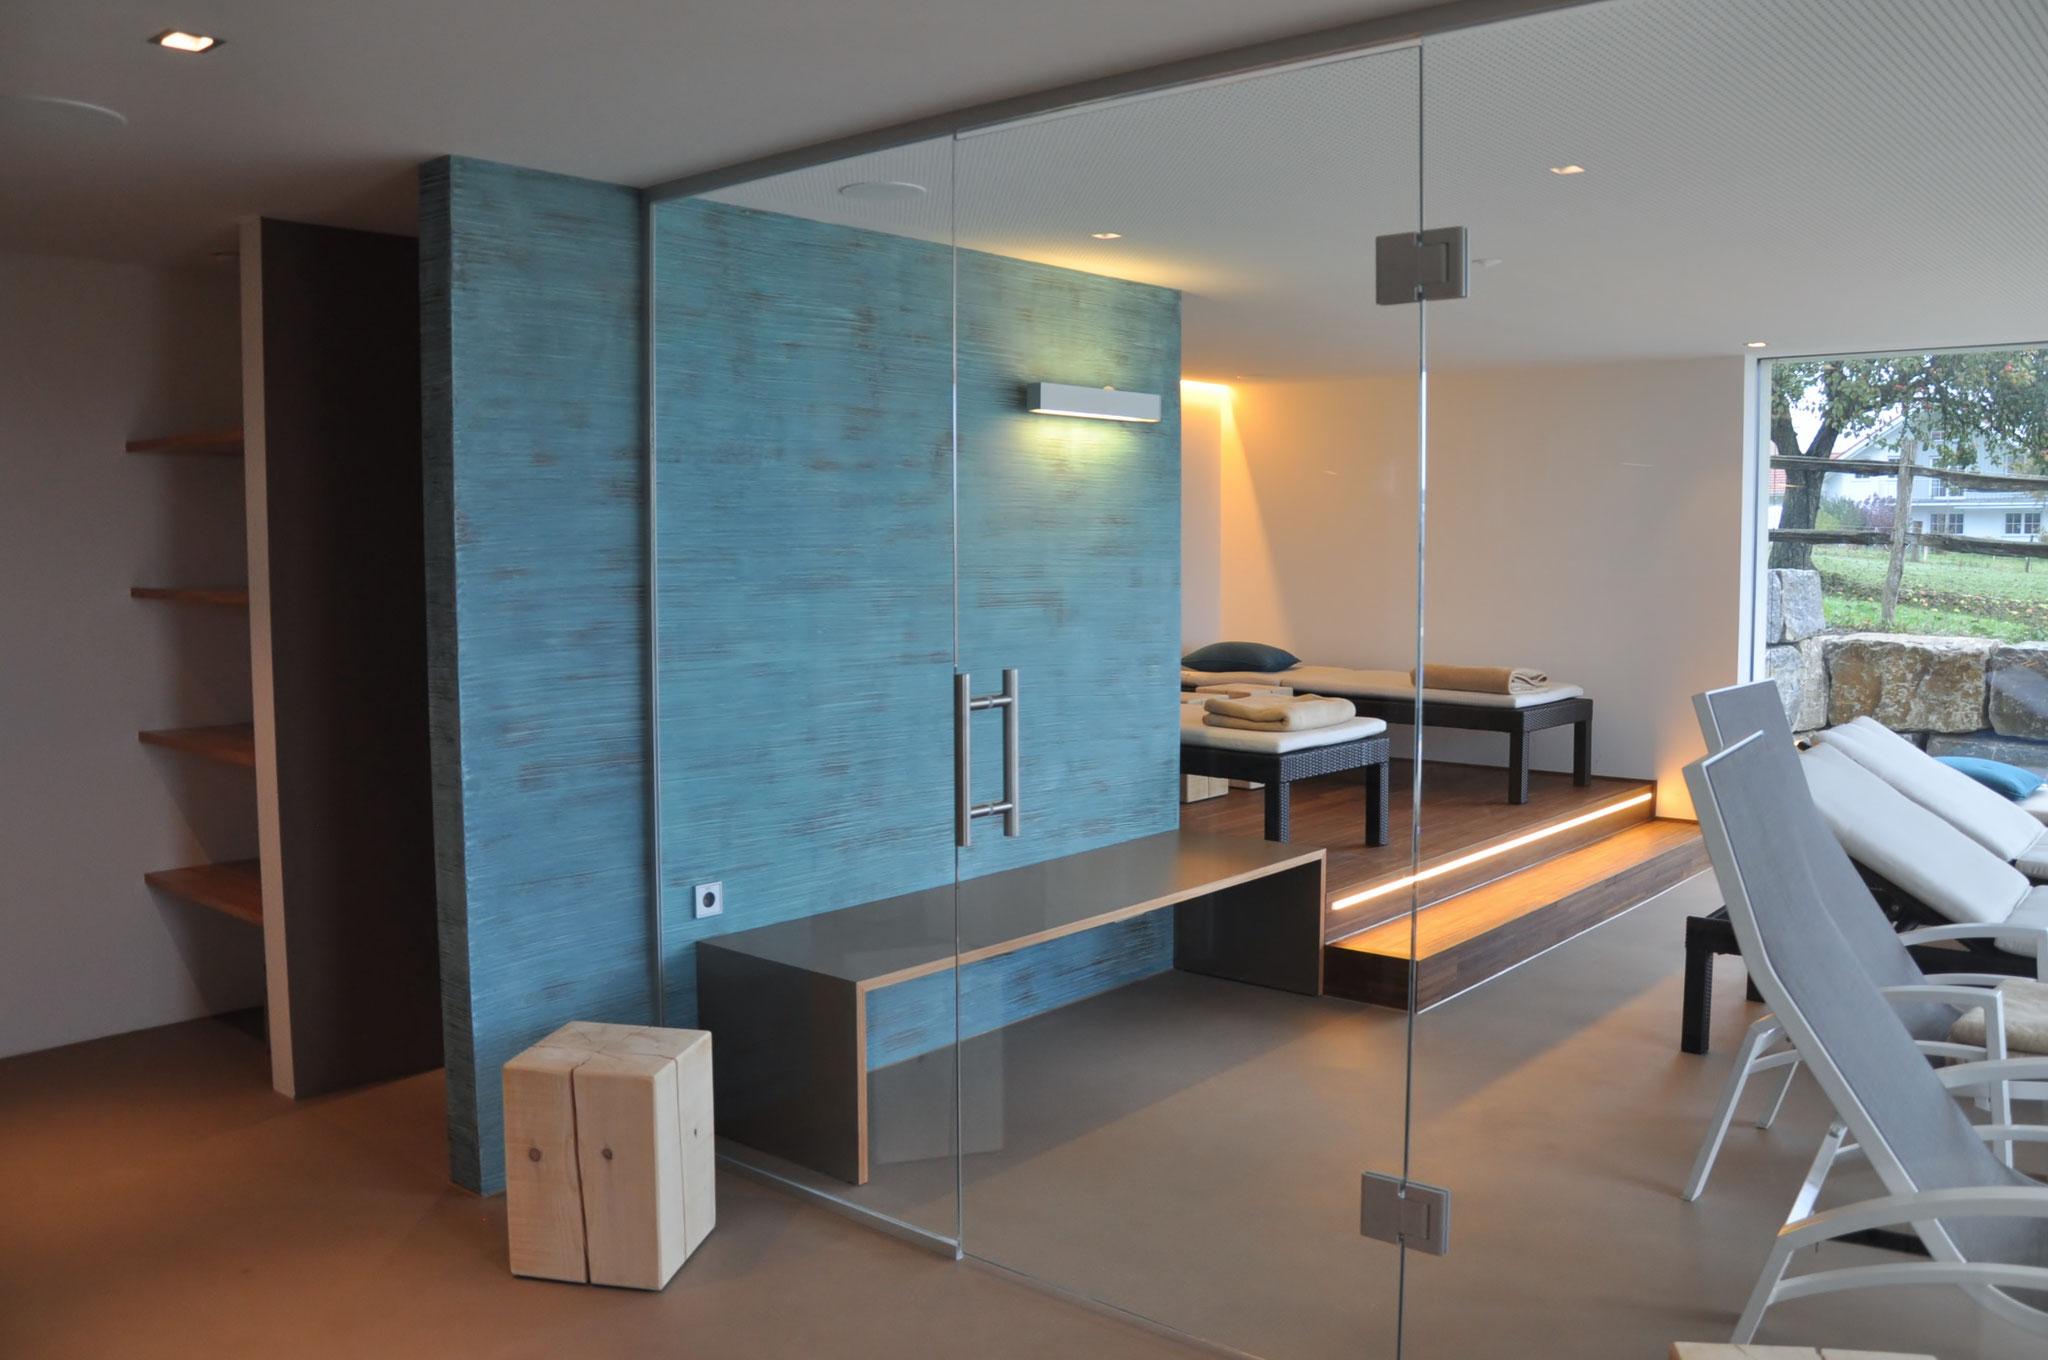 Fertigstellung, Sauna, Wellness- und Spa-Bereich, Anbau an Beherbergungsbetrieb in Scheidegg